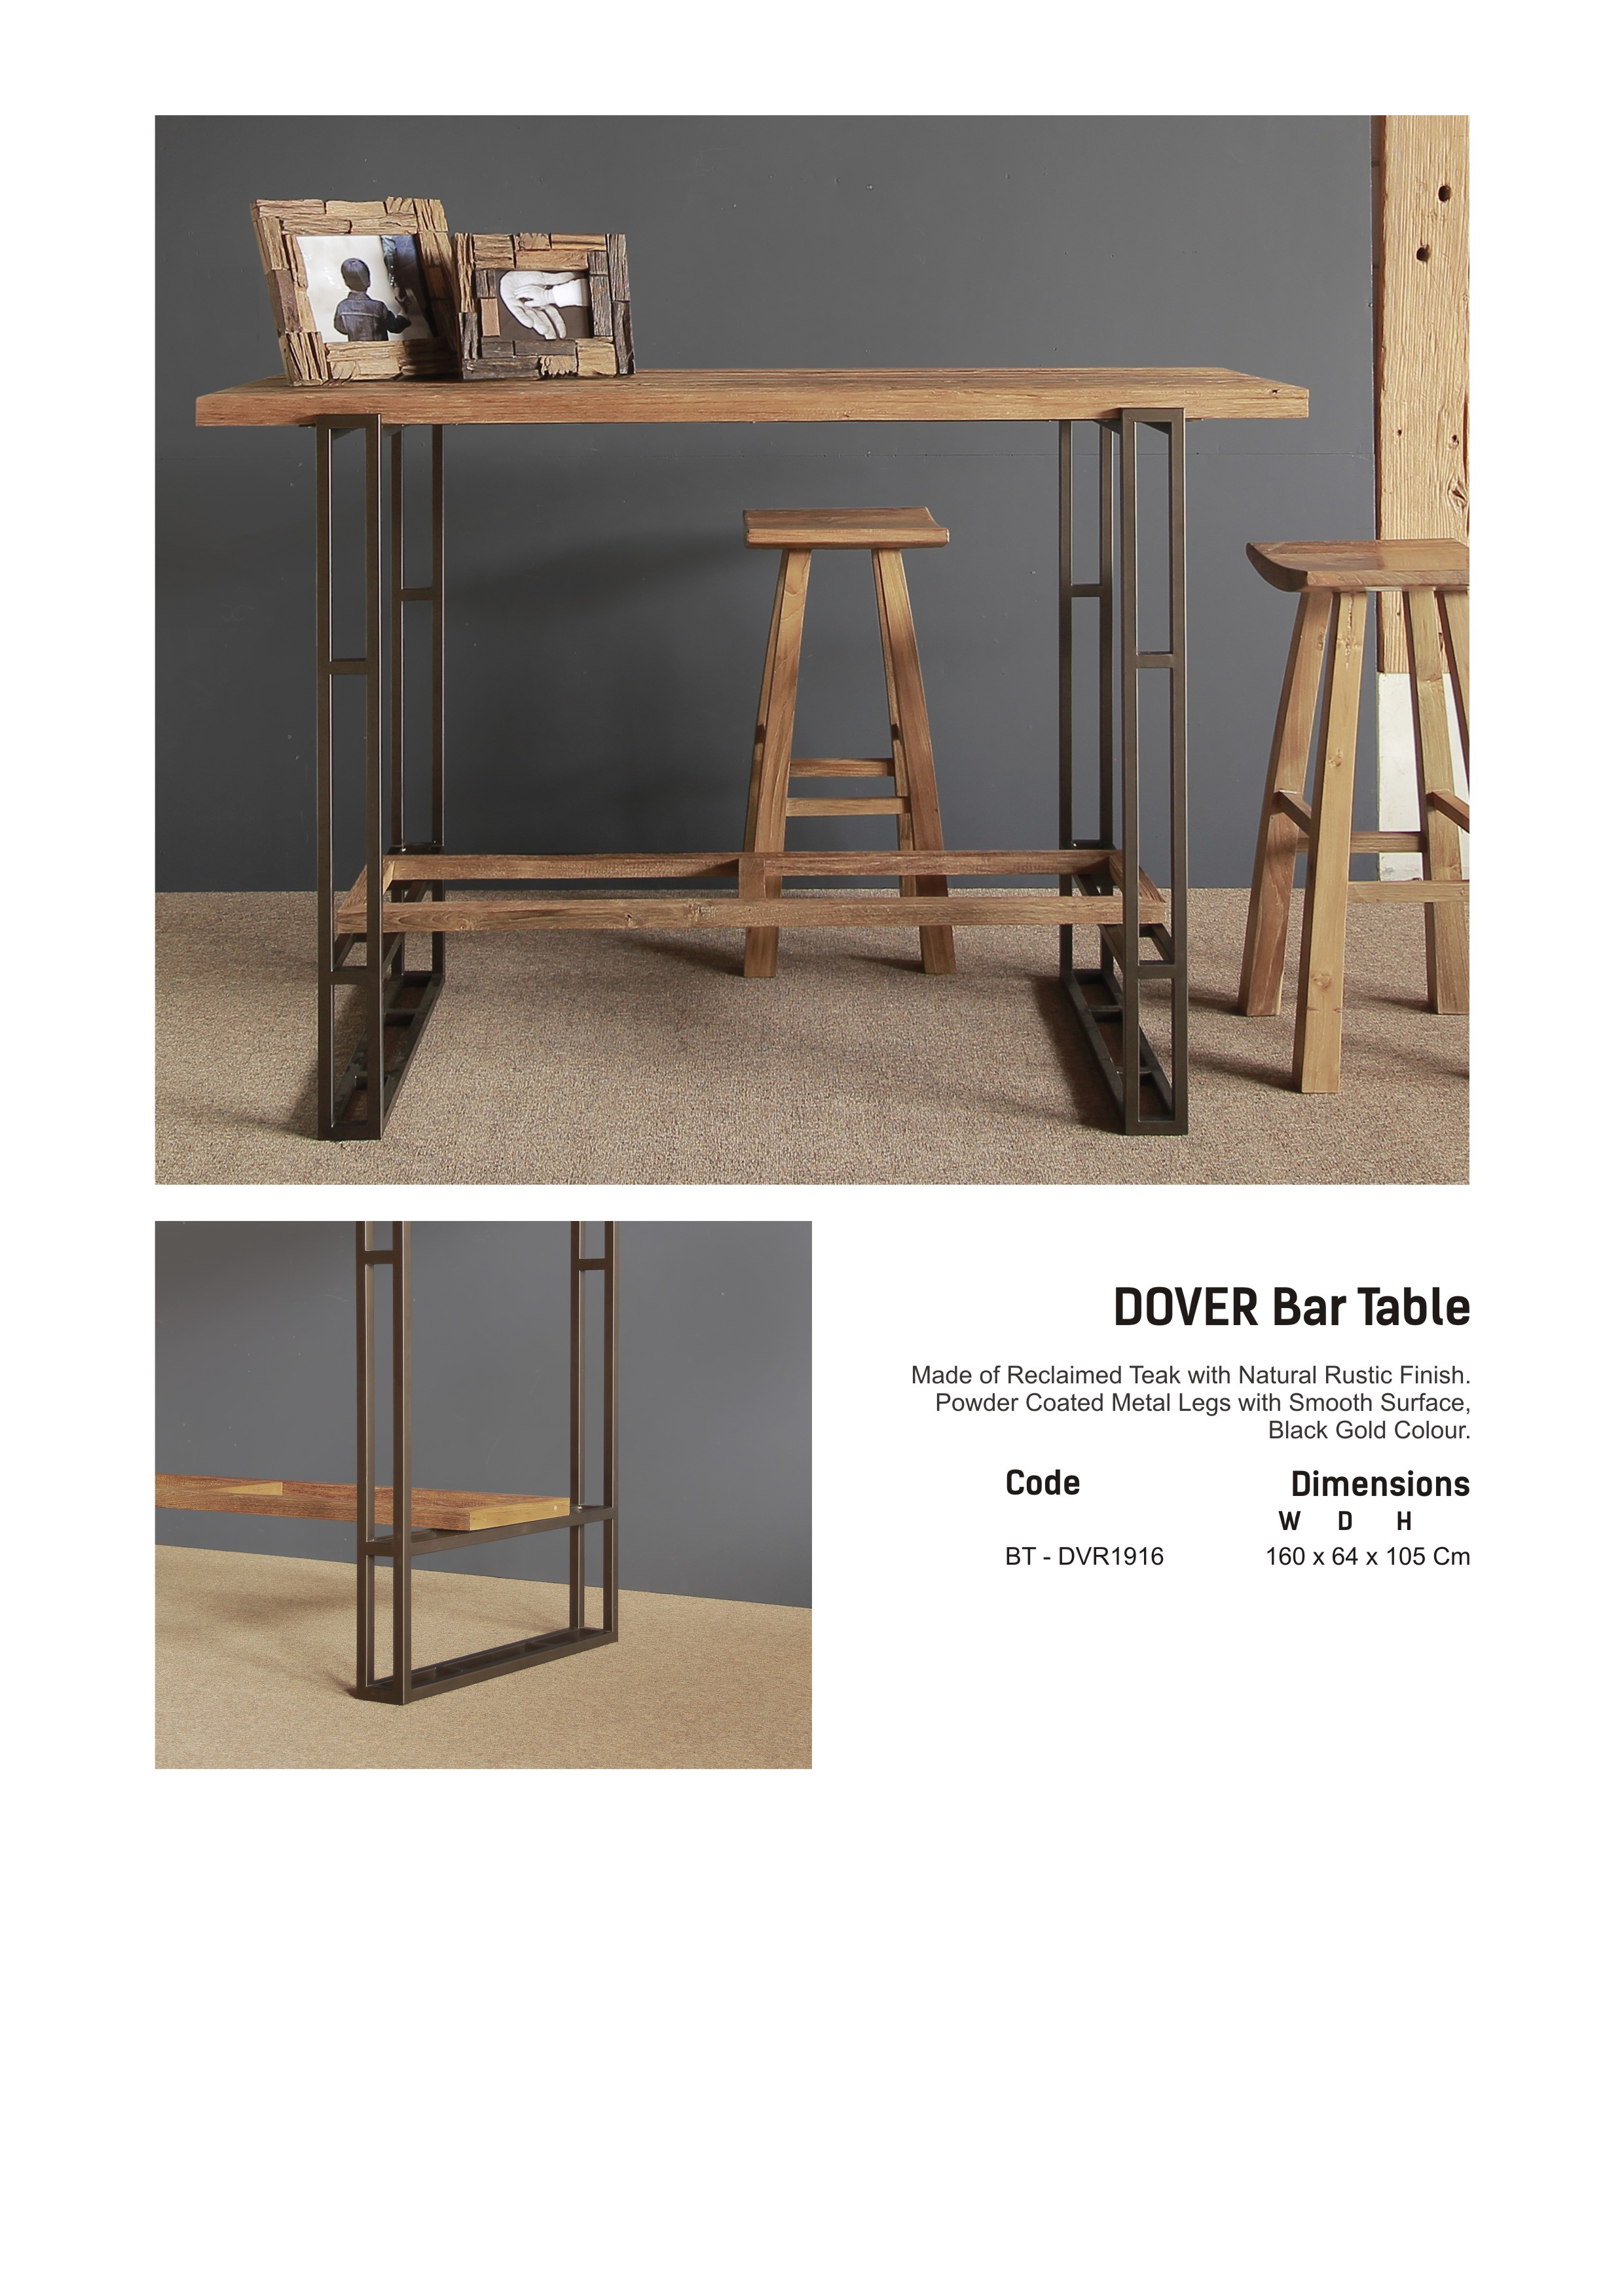 19. DOVER Bar Table